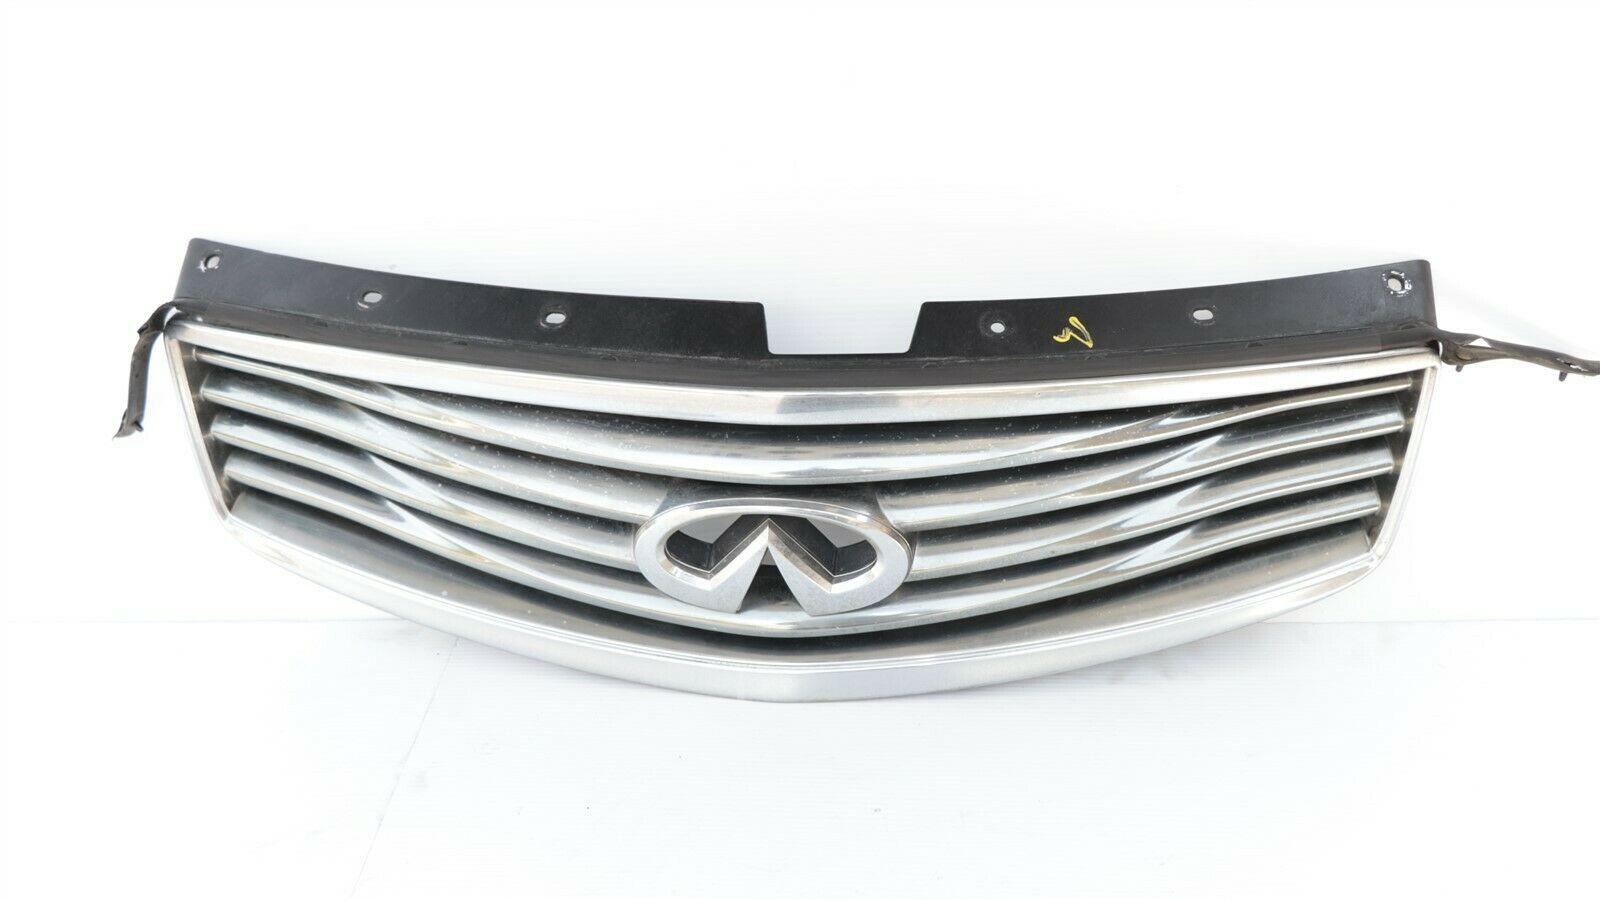 08-15 Infiniti Ex35 Ex37 Qx50 Front Bumper Upper Grille W/ Emblem W/O Camera